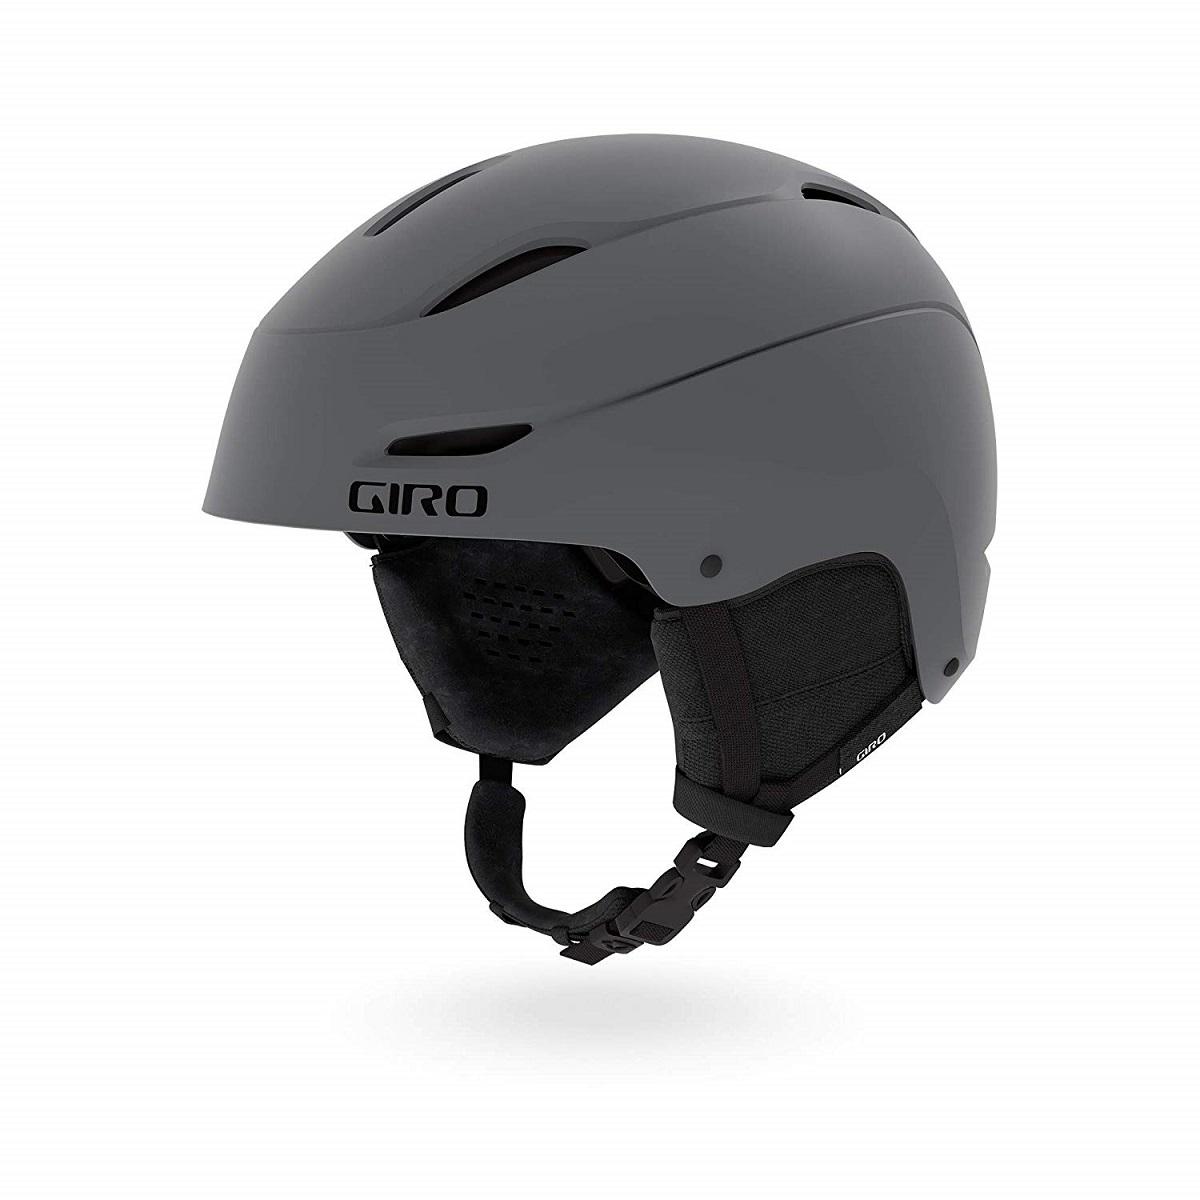 アウトレット GIROジロ 2019 レシオ マットチタニウム メンズ ヘルメット Matte TI RATIO